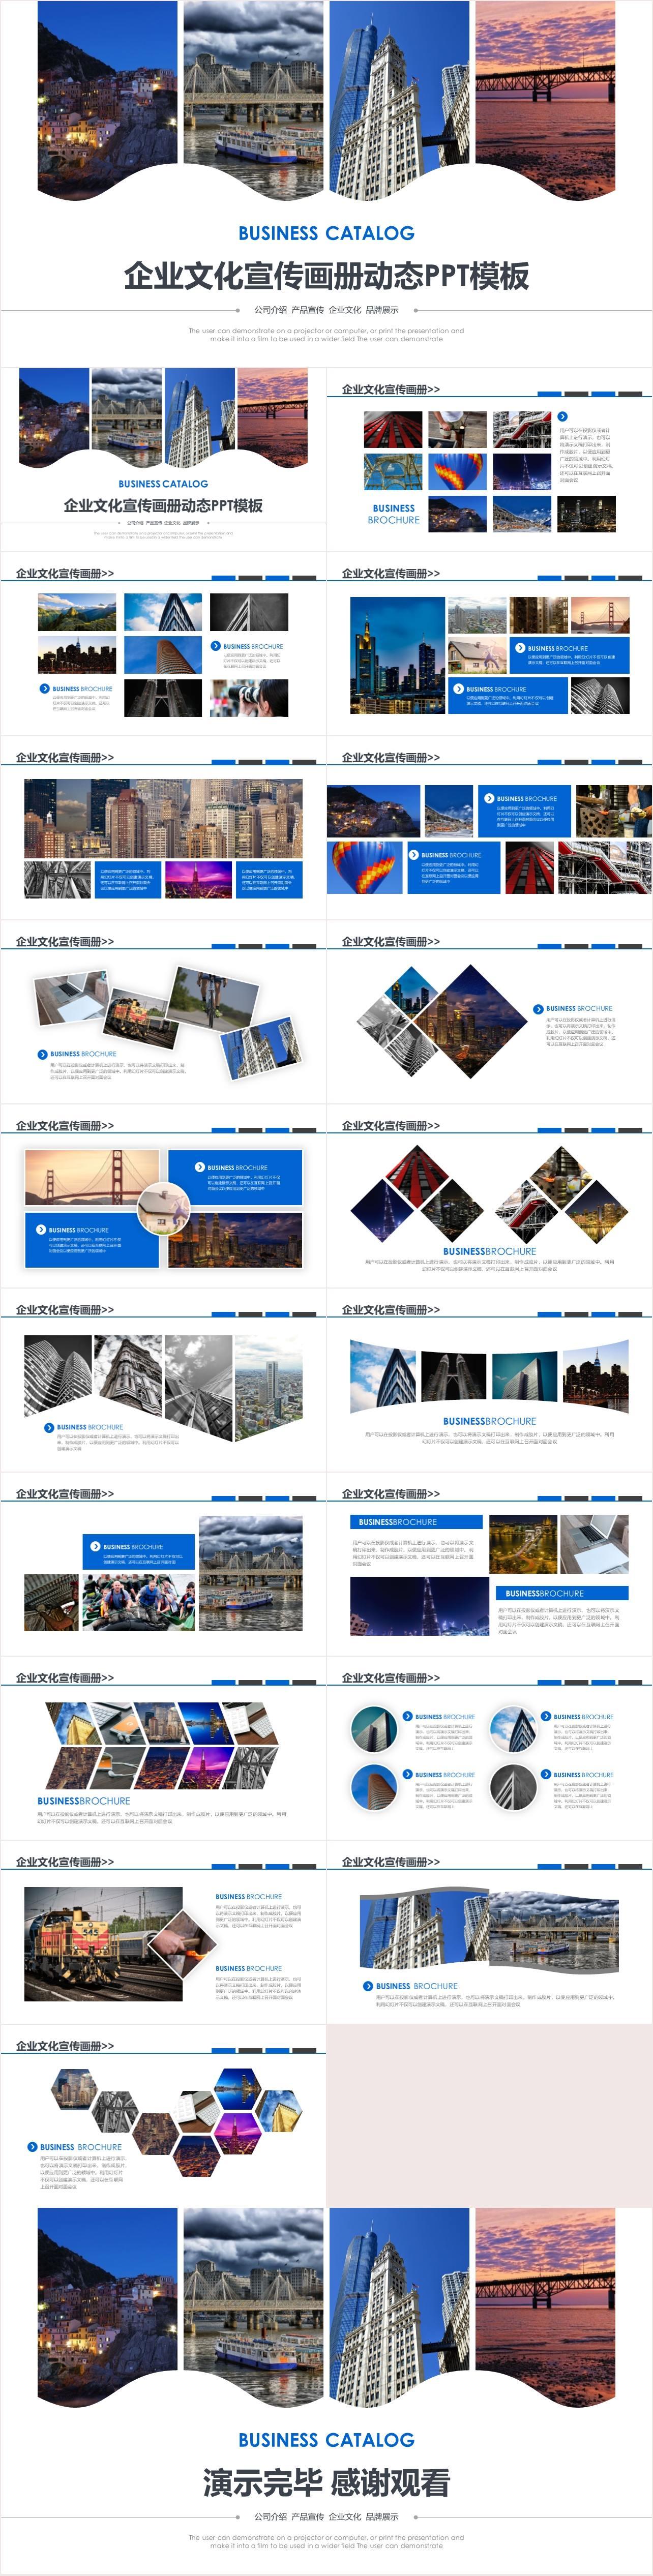 CL0112 時尚企業簡介公司宣傳畫冊PPT模板